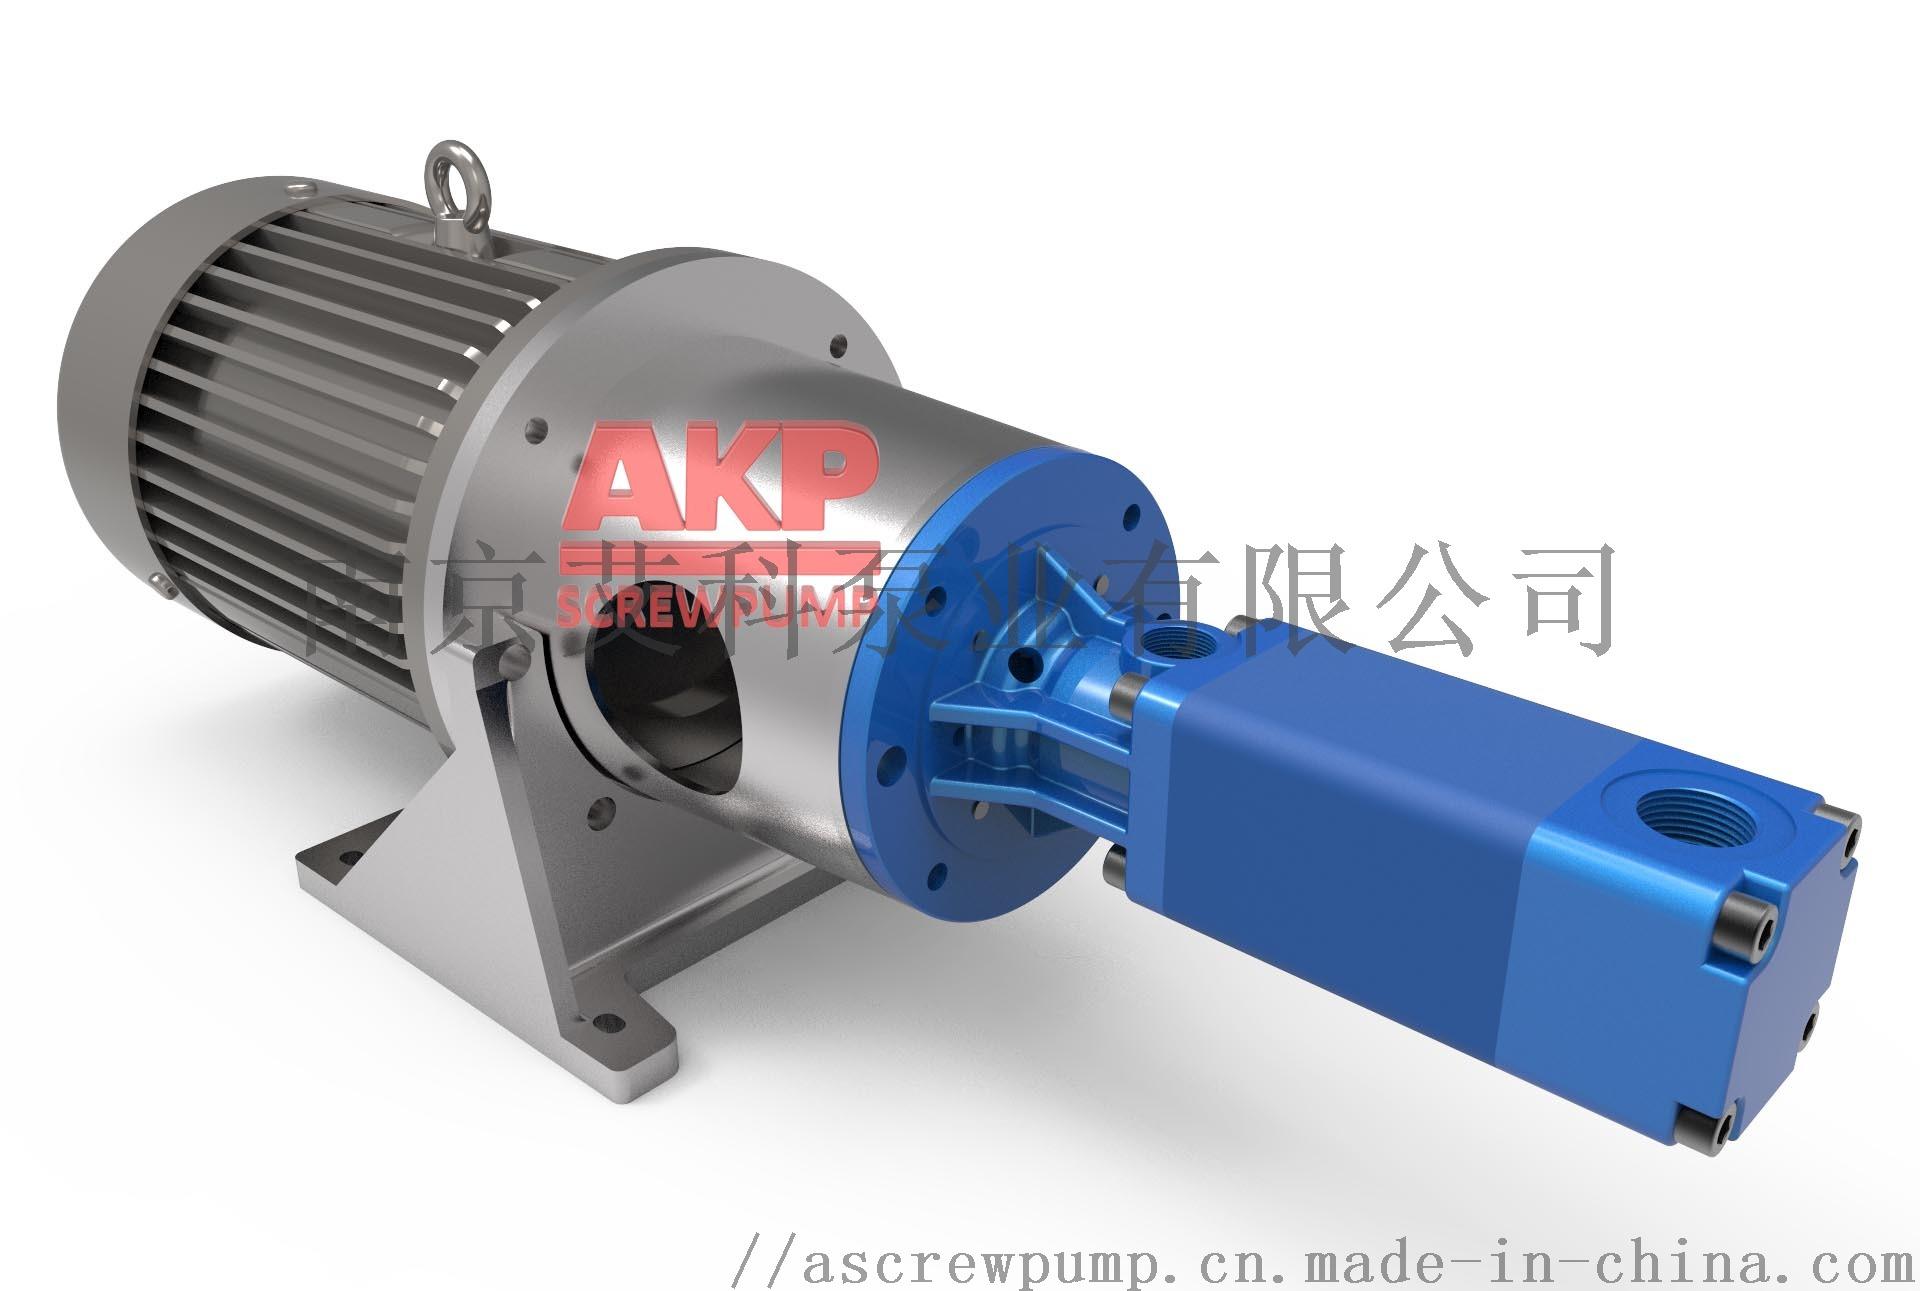 高压机床冷却泵ATS25-50-S-L-A-G-KB 流量31.6升每分钟压力70bar主轴中心出水刀具冷却排屑断屑现货配套供应卧式加工中心790998035